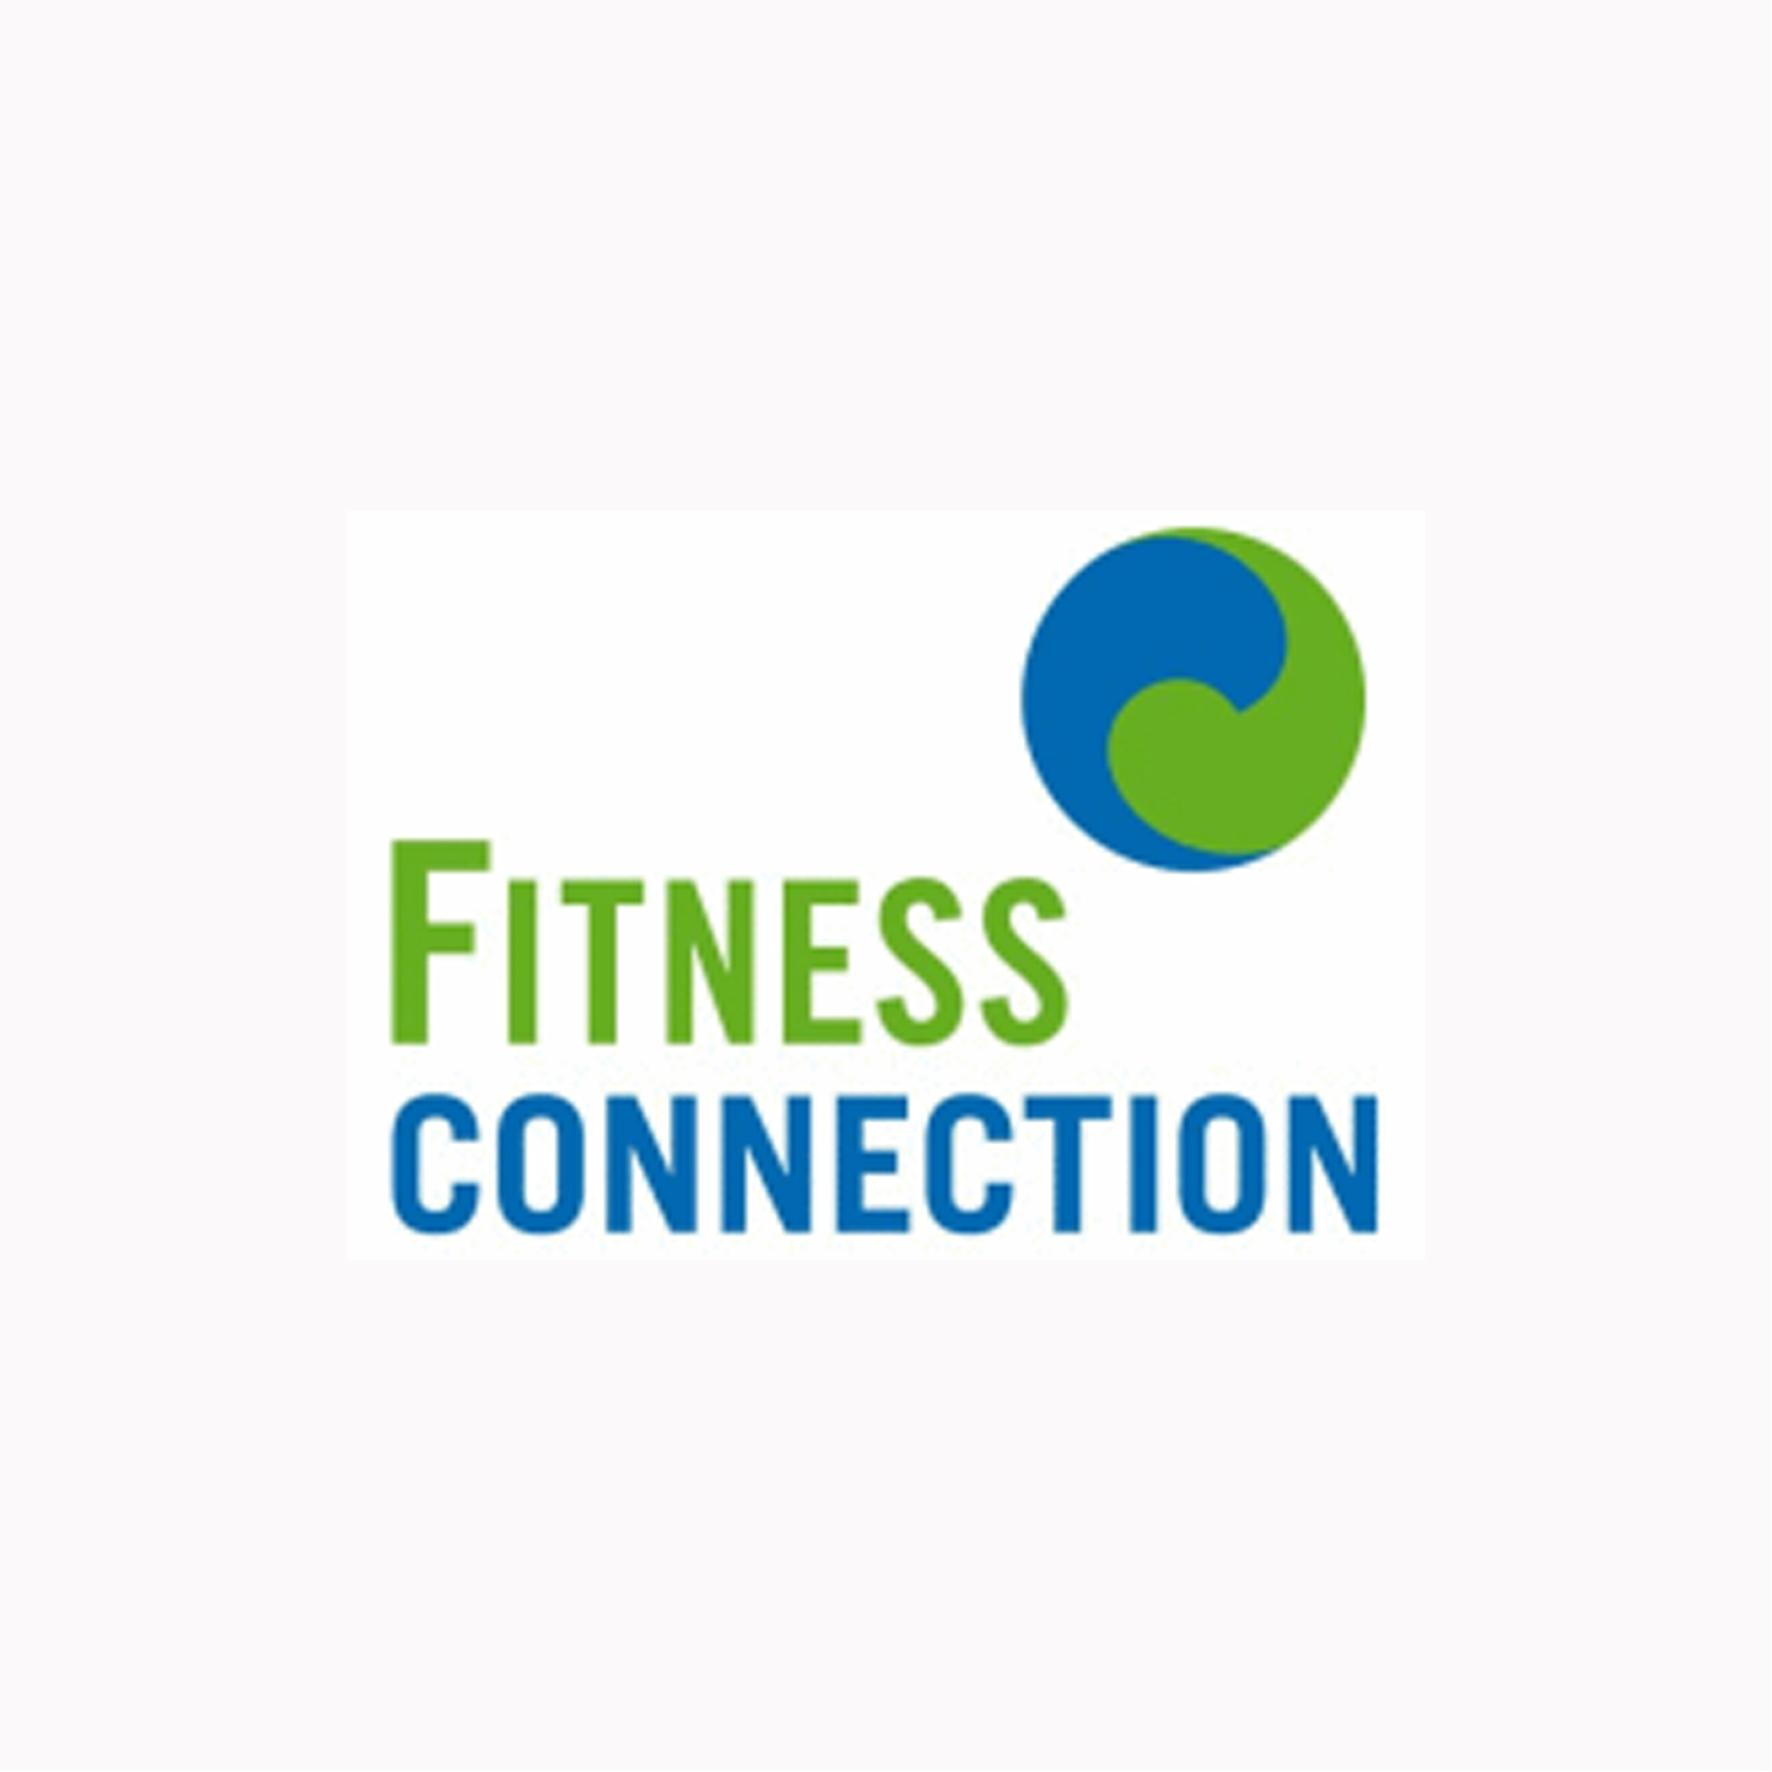 FitnessConnection.jpg